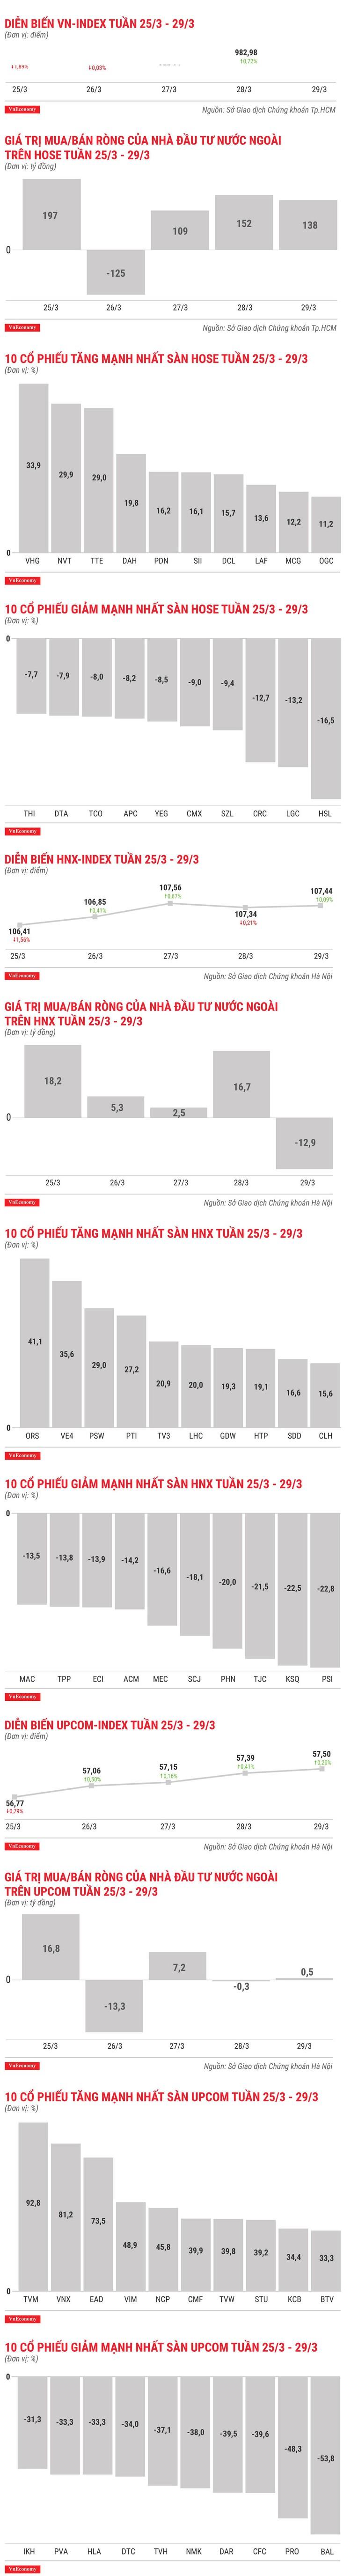 Top 10 cổ phiếu tăng/giảm mạnh nhất tuần 25-29/3 ảnh 1